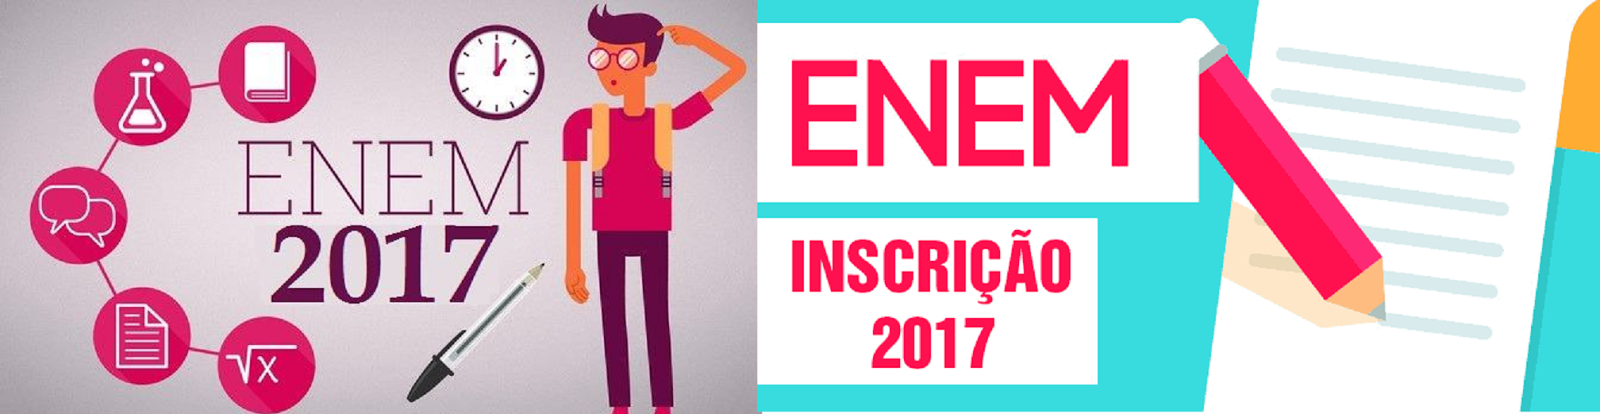 ENEM-2017 - INSCRIÇÃO